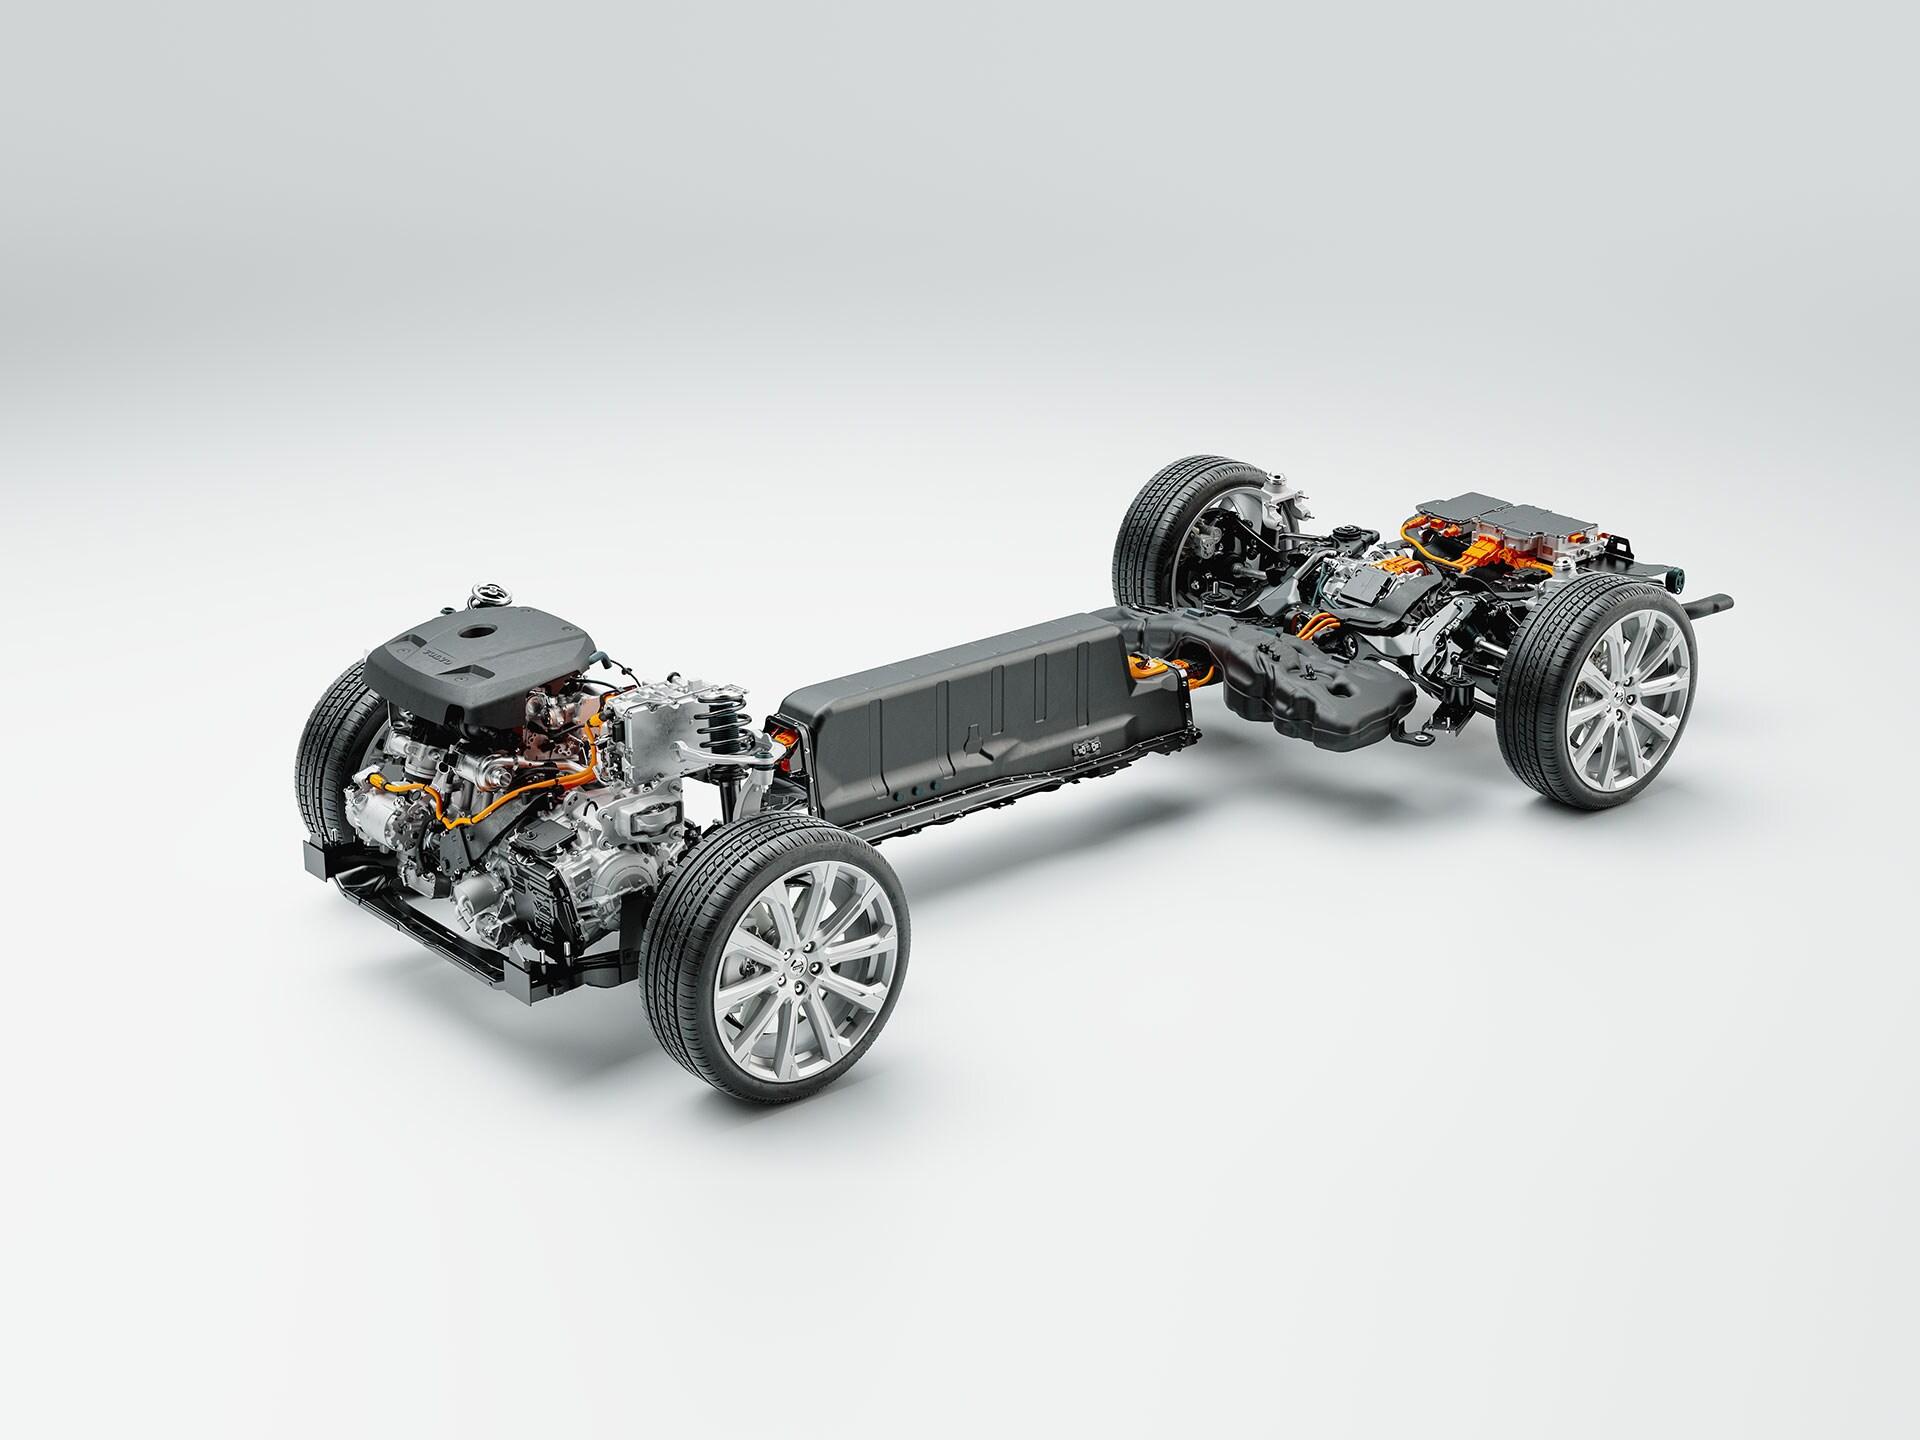 Technische Detailaufnahme von Fahrgestell, Batterie und Antrieb eines Volvo Plug-in Hybrid.